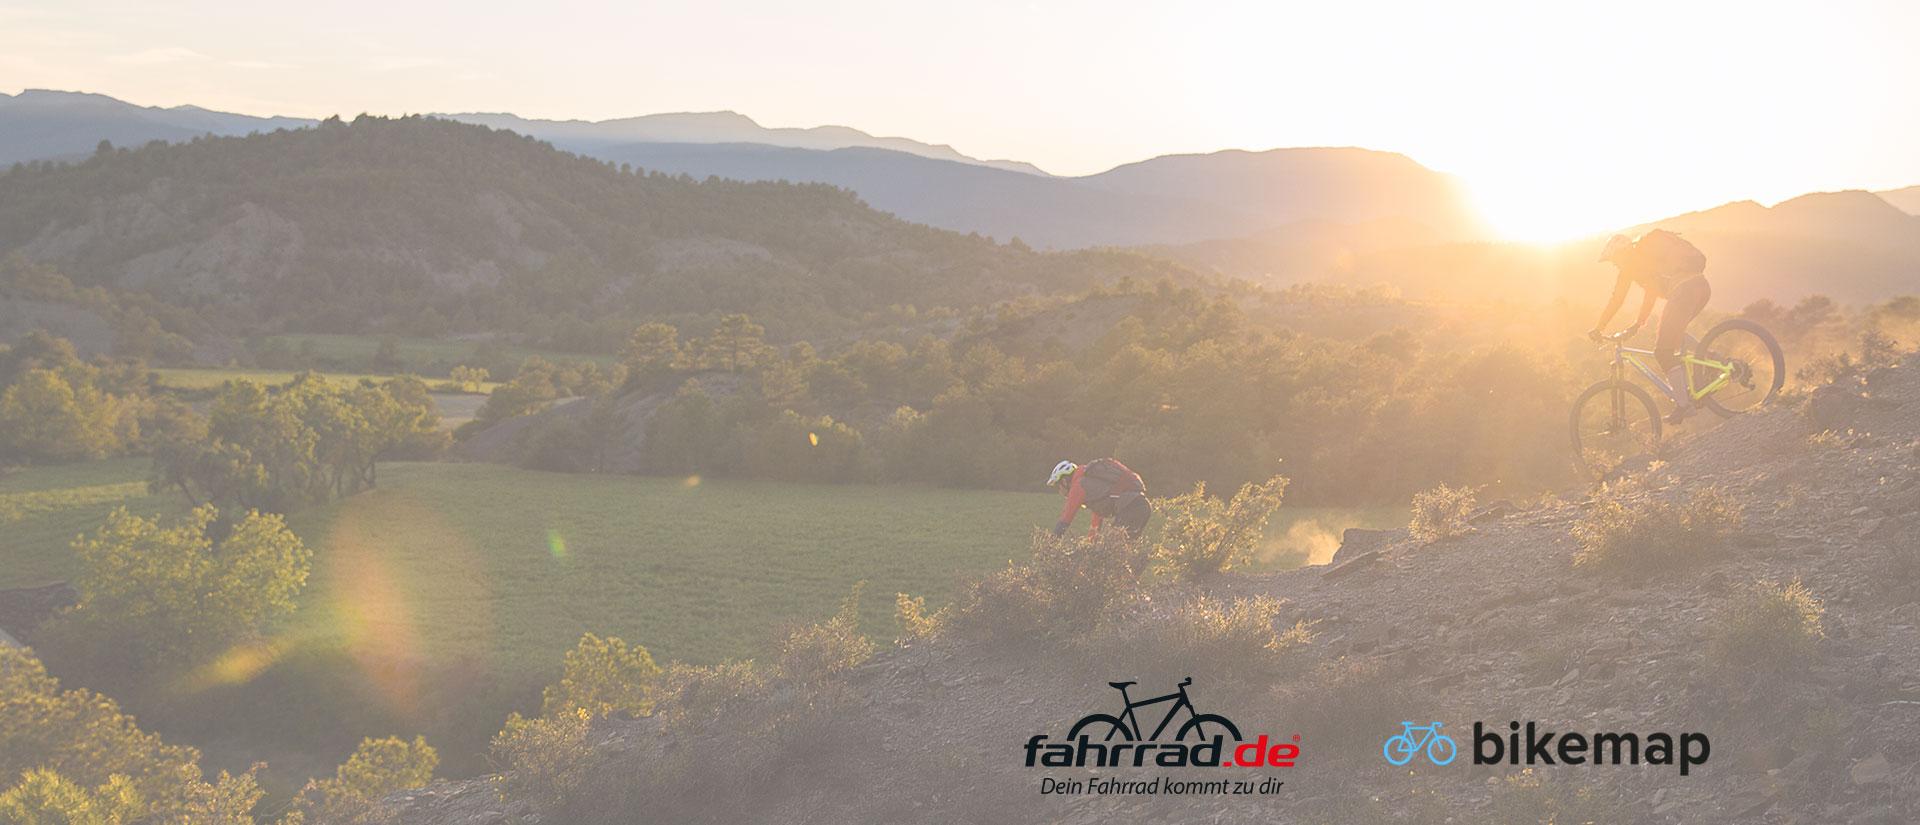 TOP FAHRRAD-BLOGS 2018 - Kategorie Mountainbike